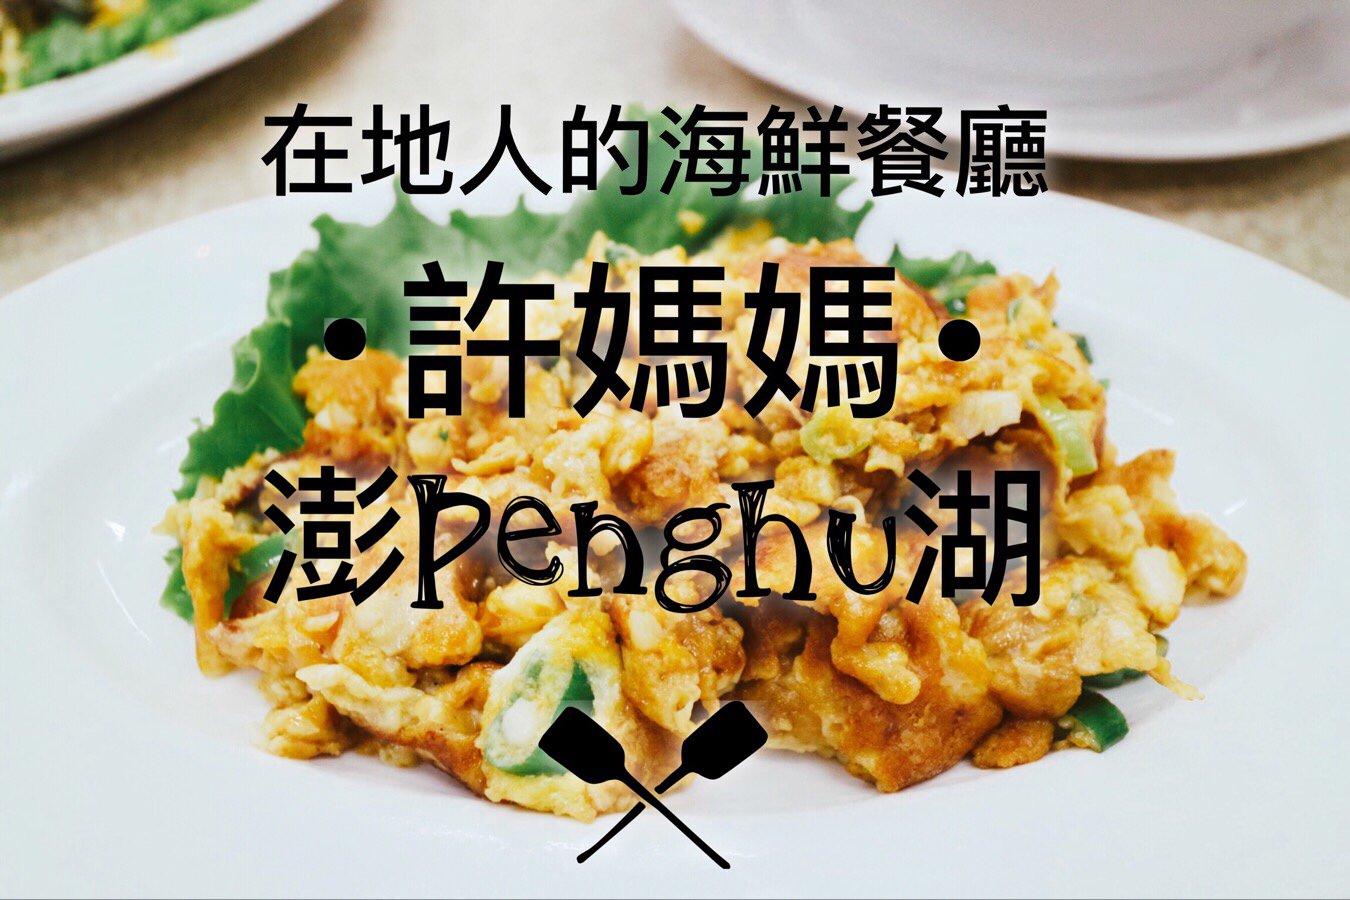 澎湖海鮮🔸許媽媽海鮮餐廳 在地人喜歡 外地人覺得CP值不算高